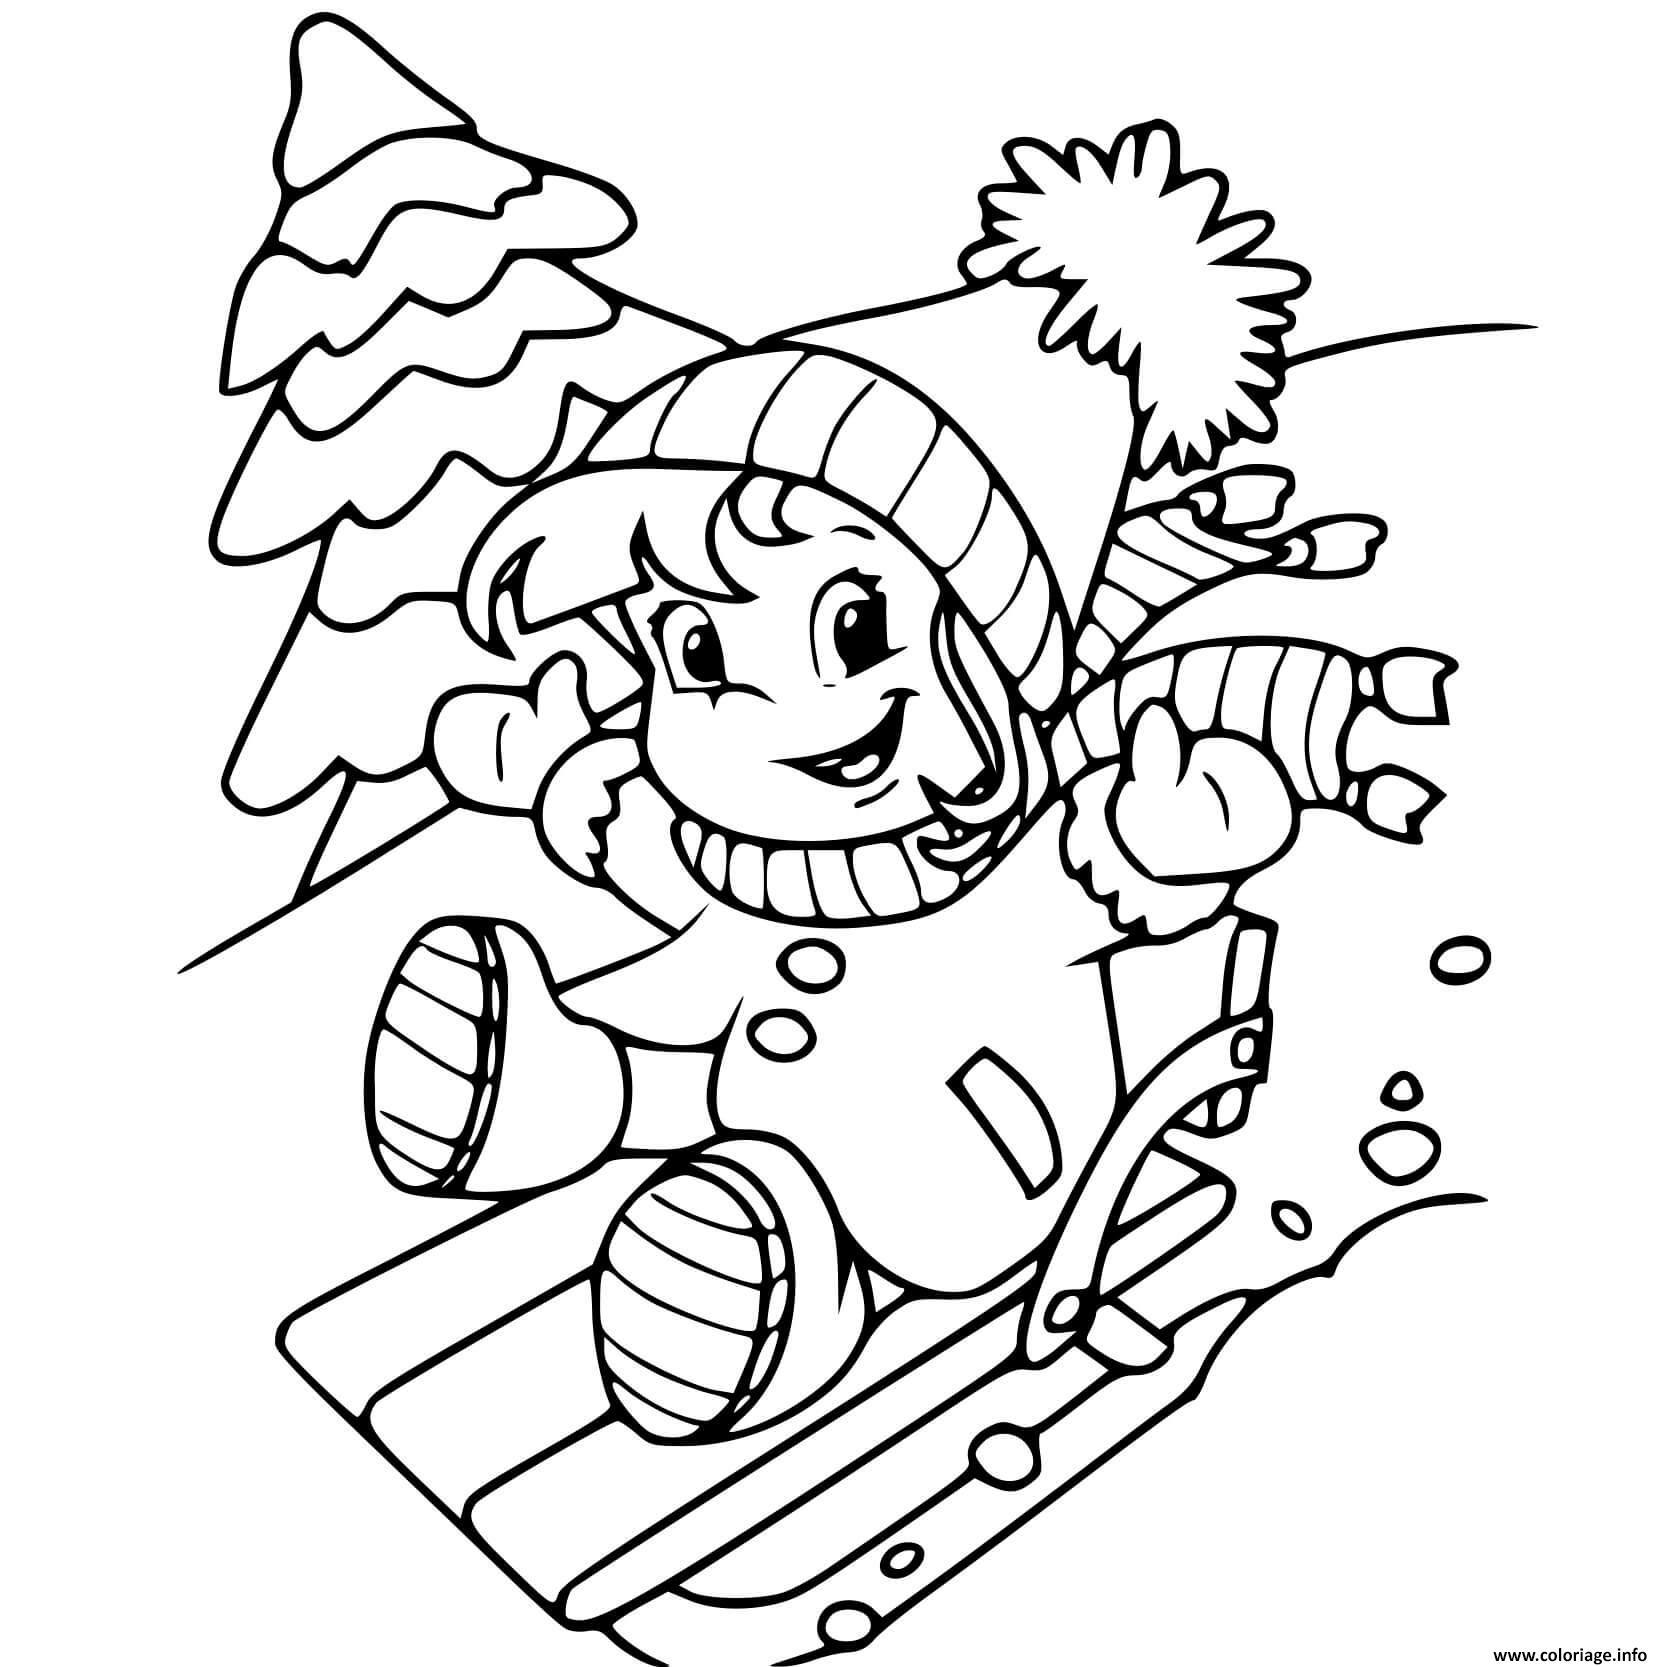 Dessin une petite fille glisse sur une montagne de neige en hiver Coloriage Gratuit à Imprimer